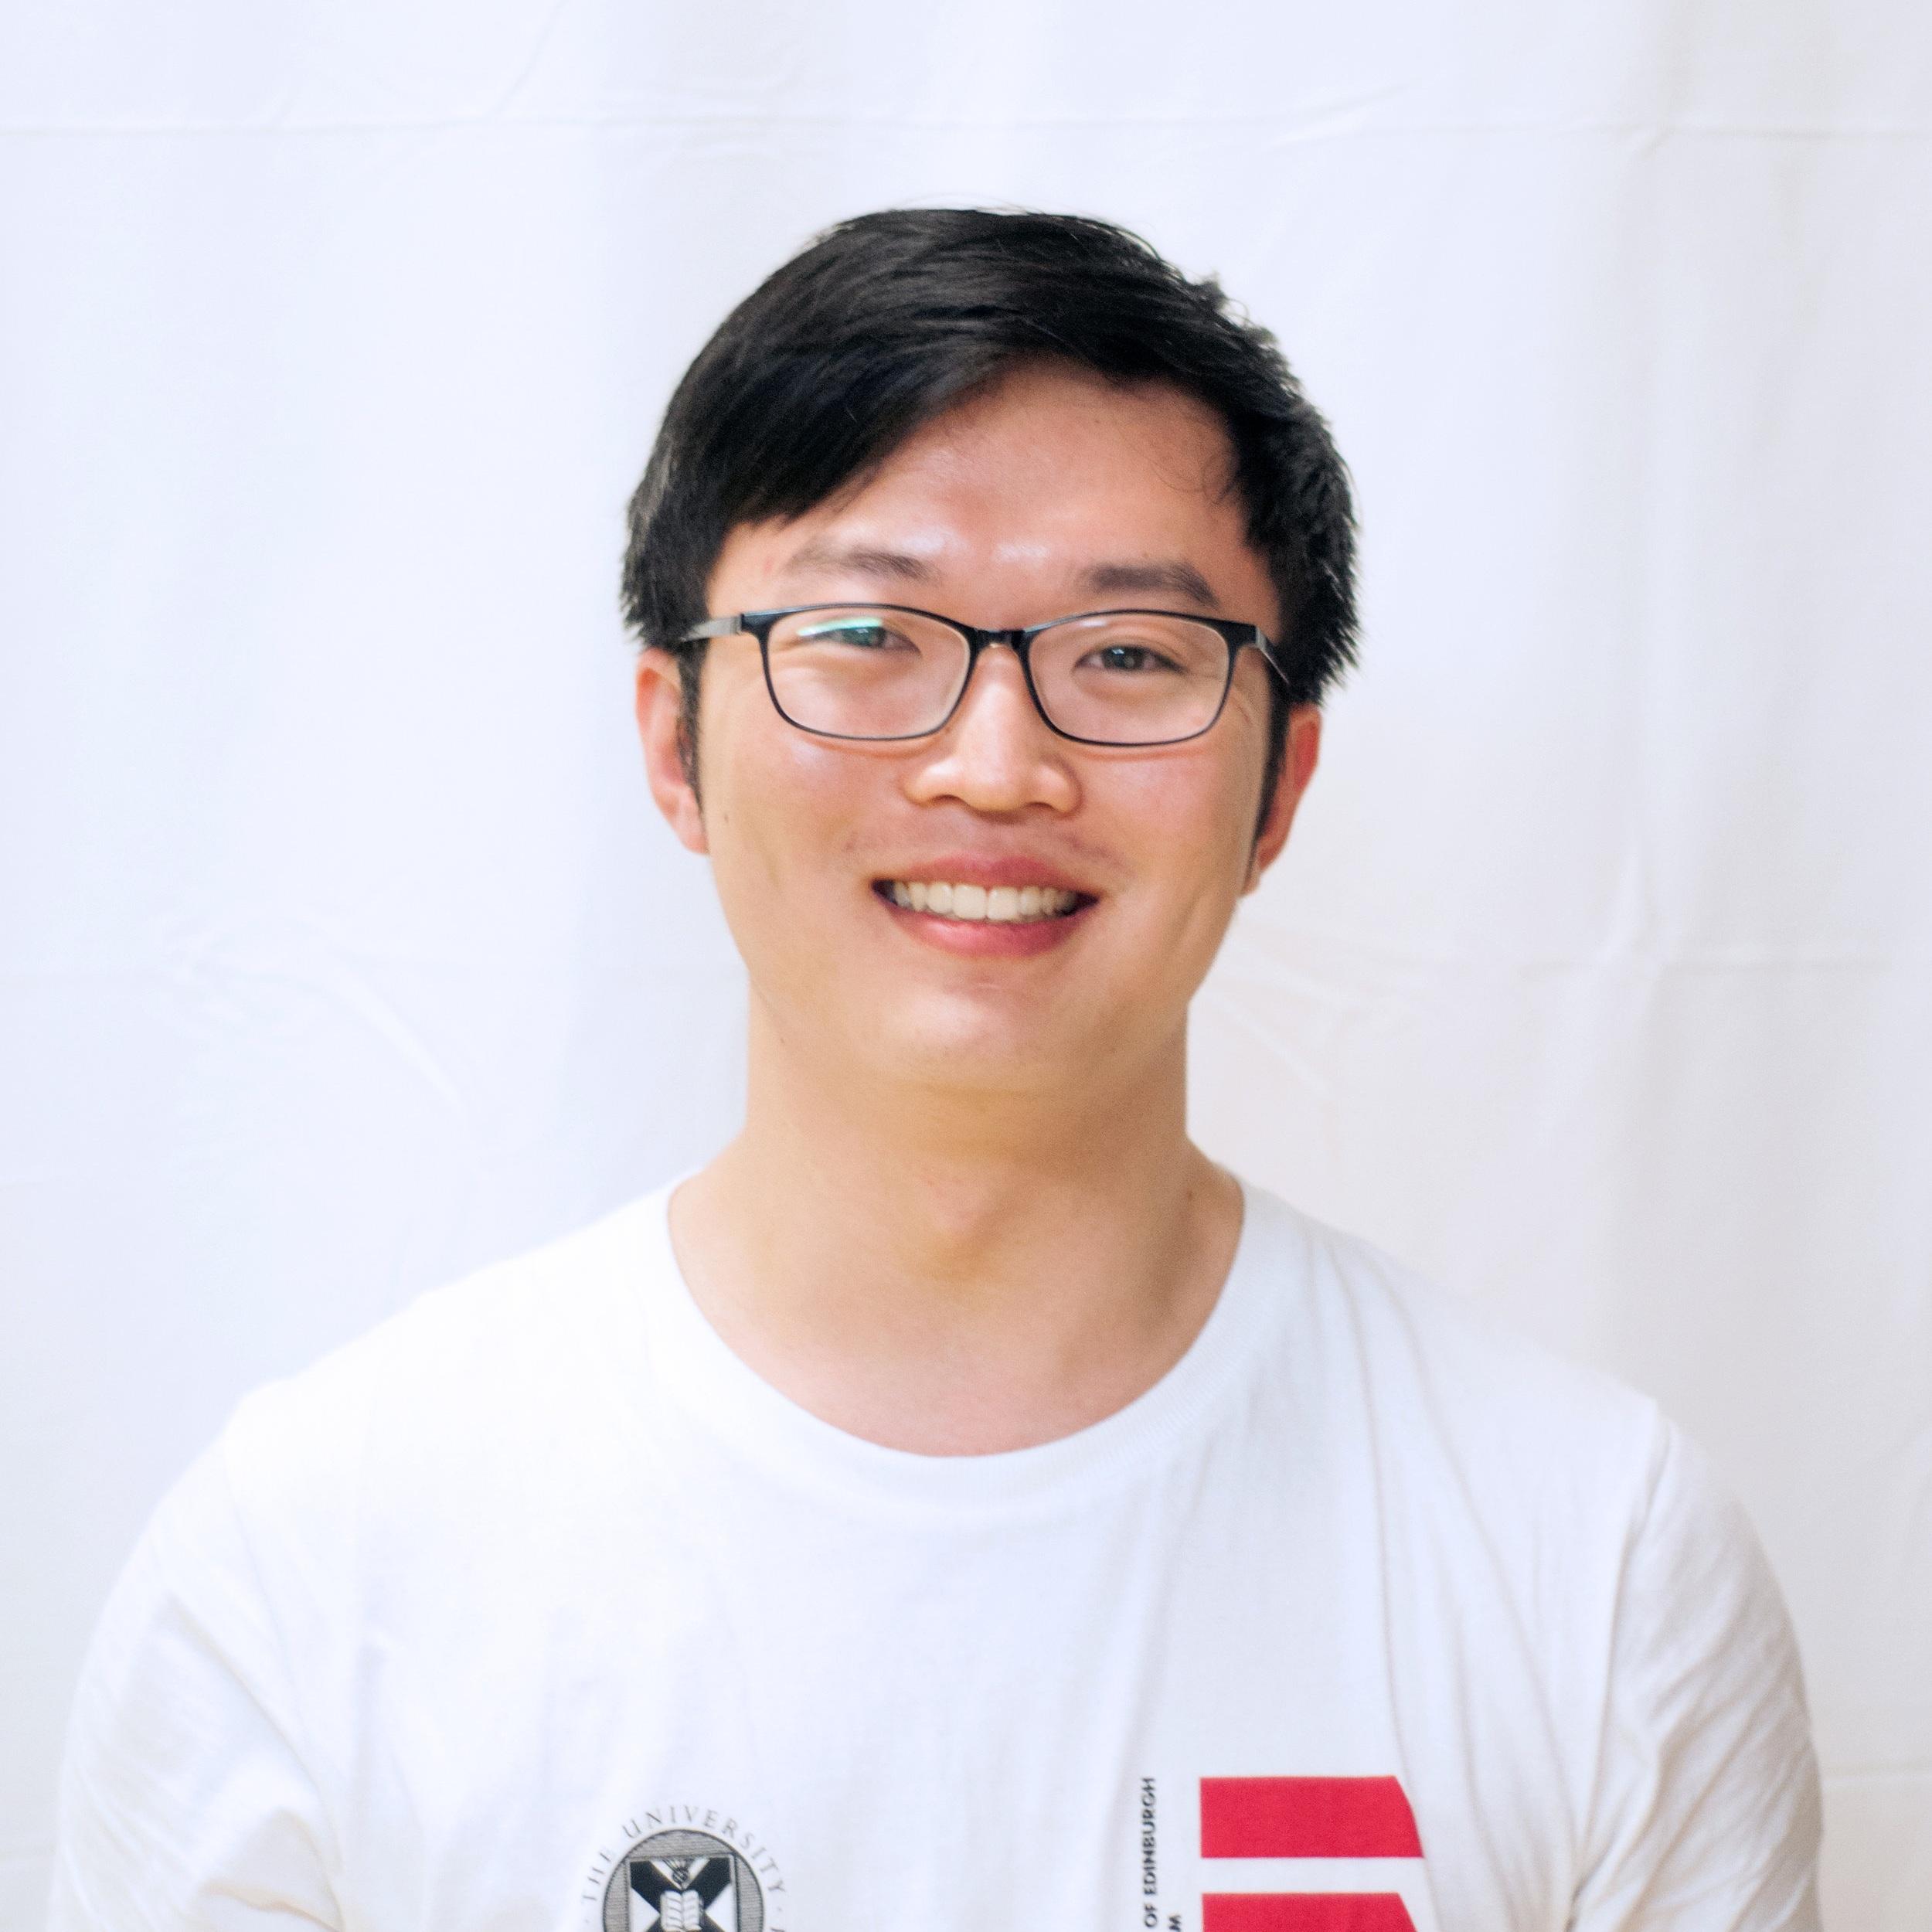 Minjie Li - Chassis Engineer